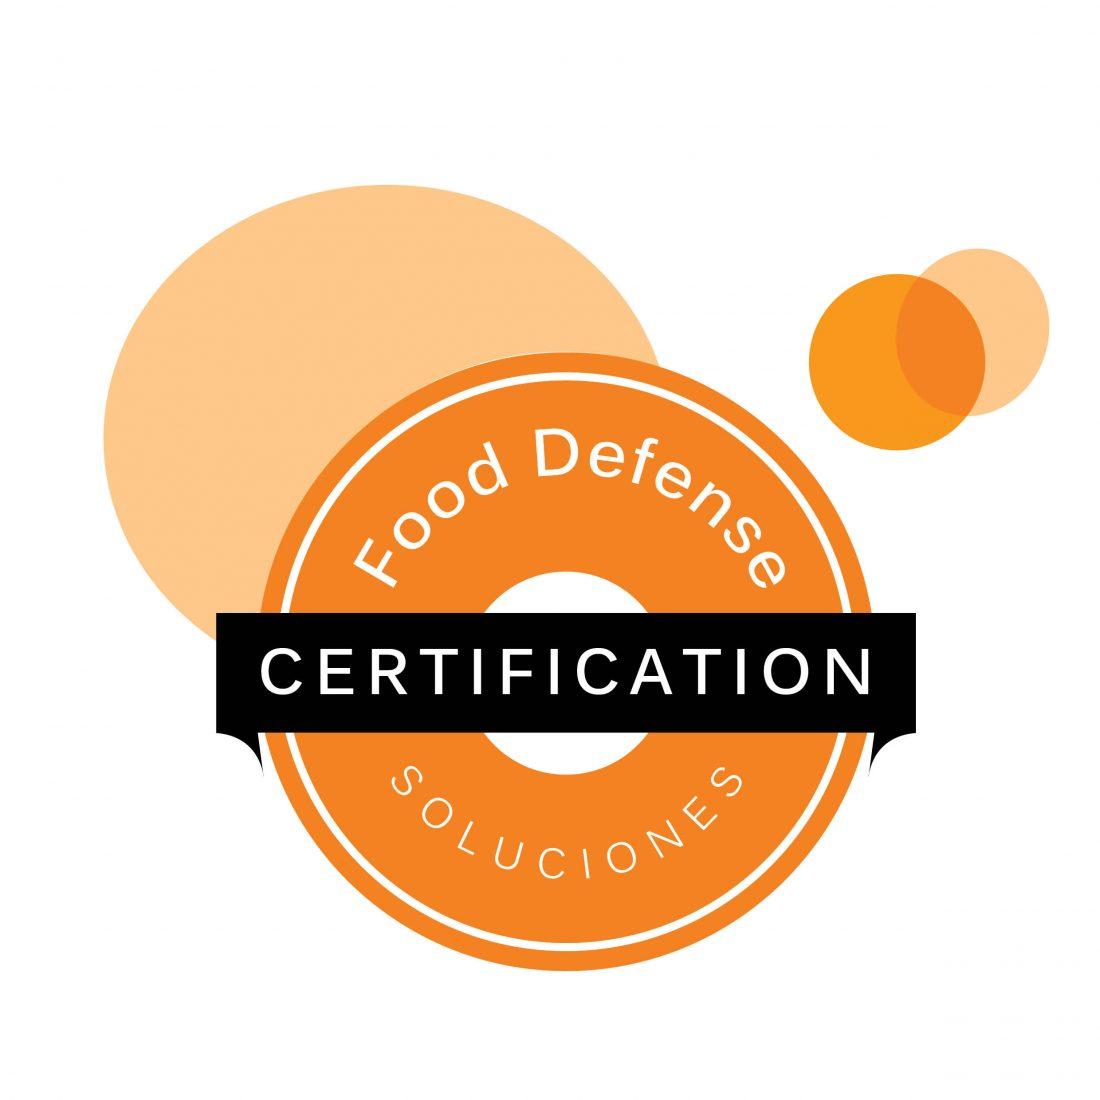 Sello certificación Food Defense